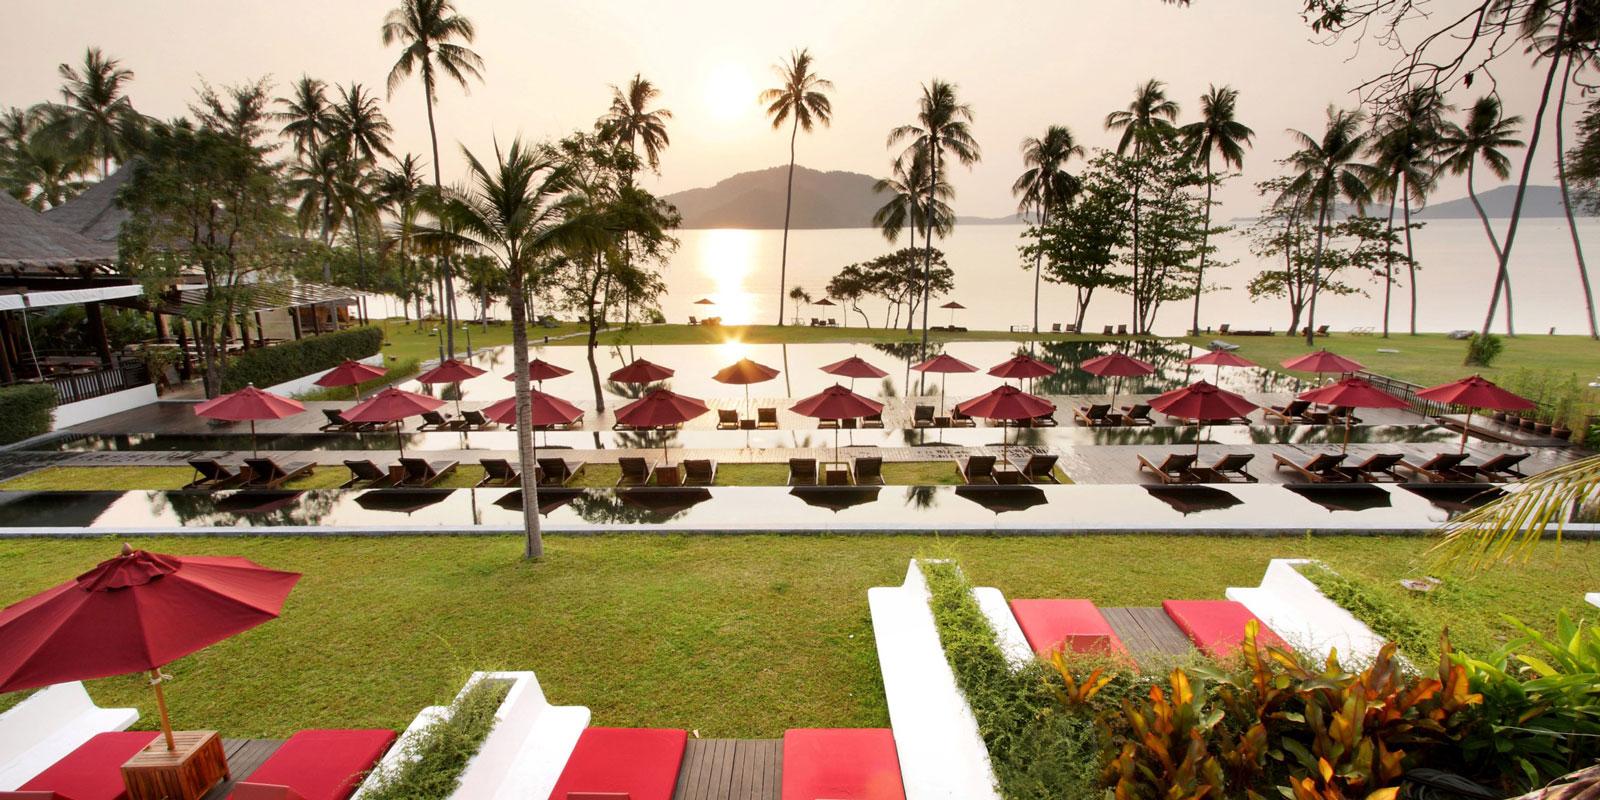 001_swimming-pool-The-Vijitt-Resort-Phuket_1600x800